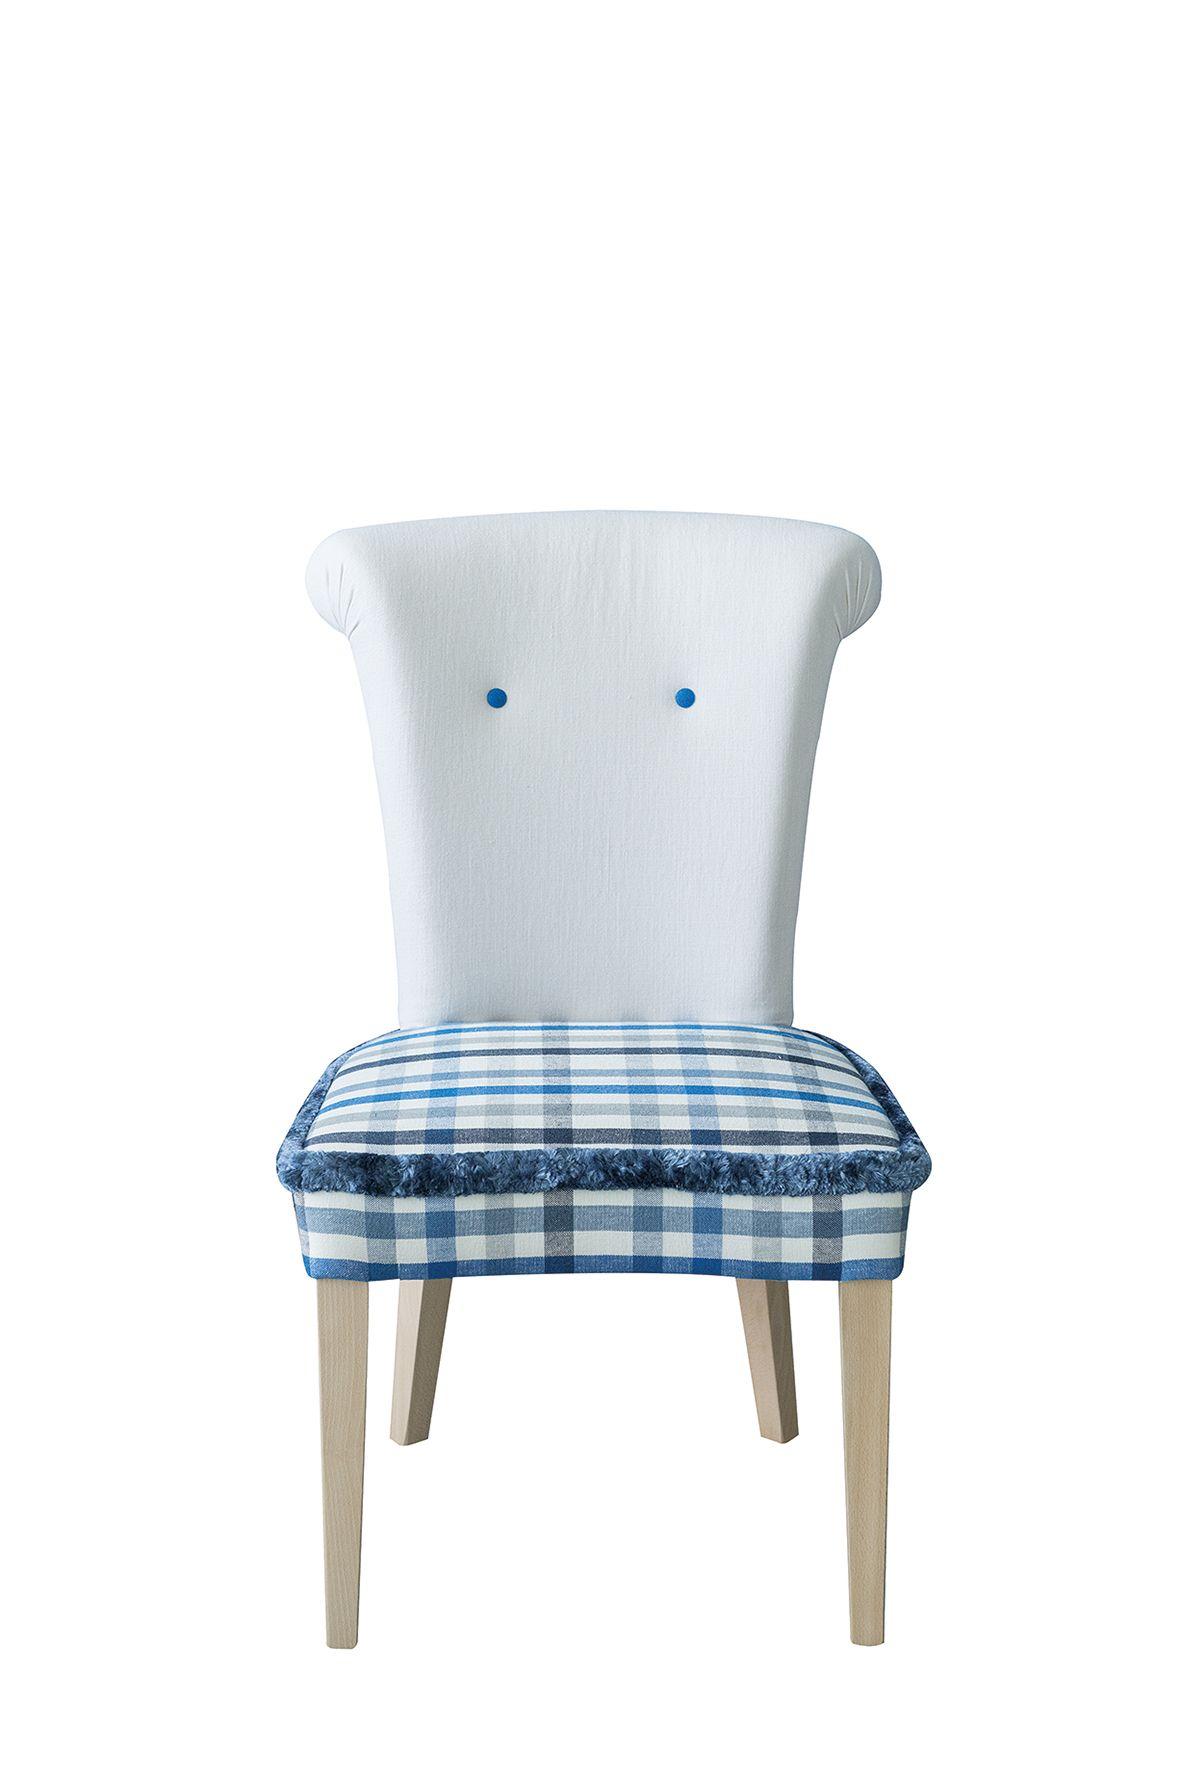 Designers Guild Pleat Chair